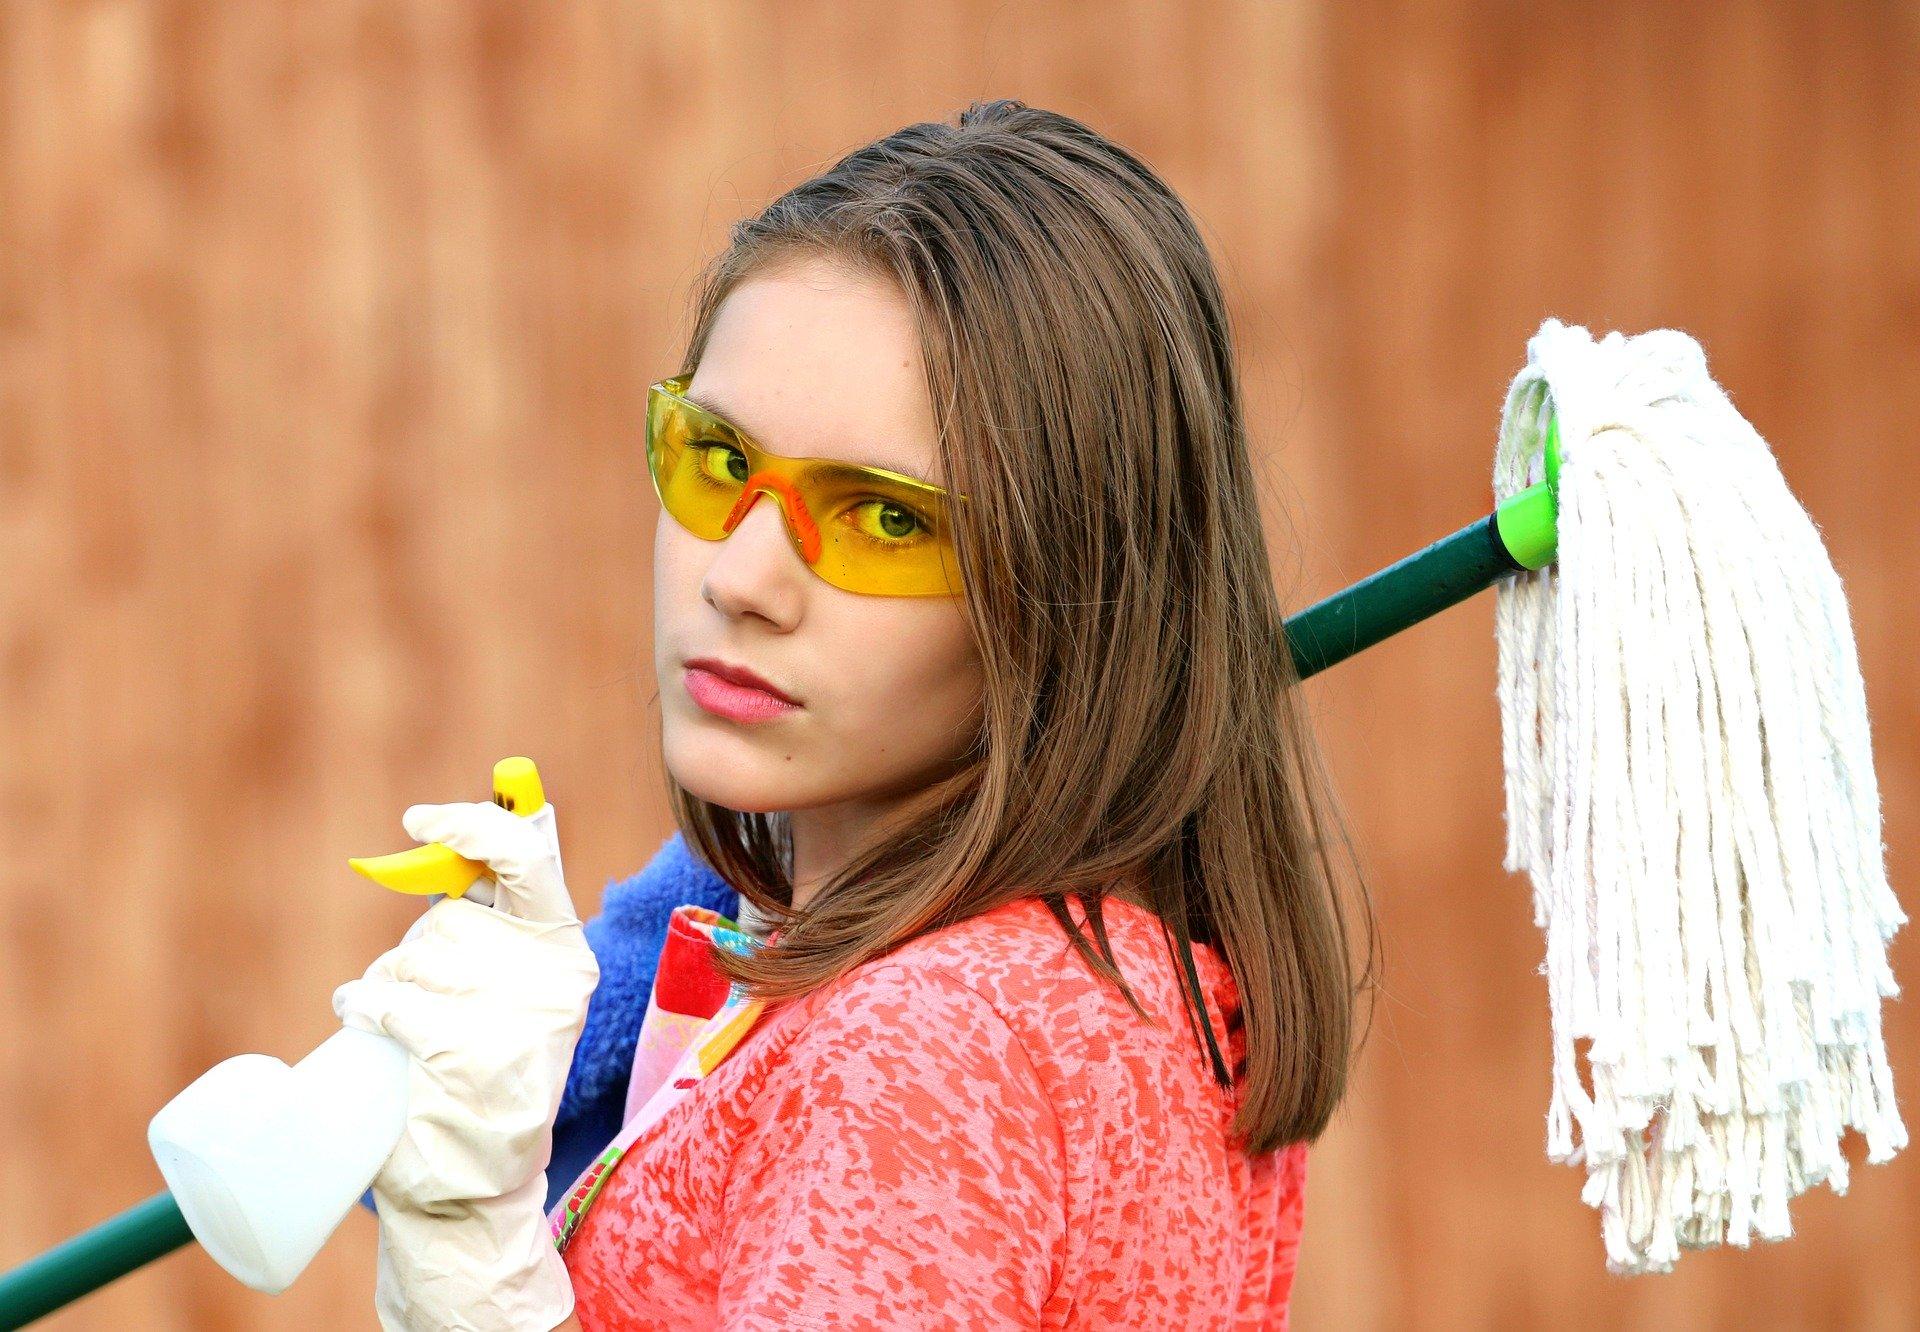 Mieszkanie po chorobie Covid-19 trzeba dokładnie wysprzątać. Podpowiadamy, jak to zrobić